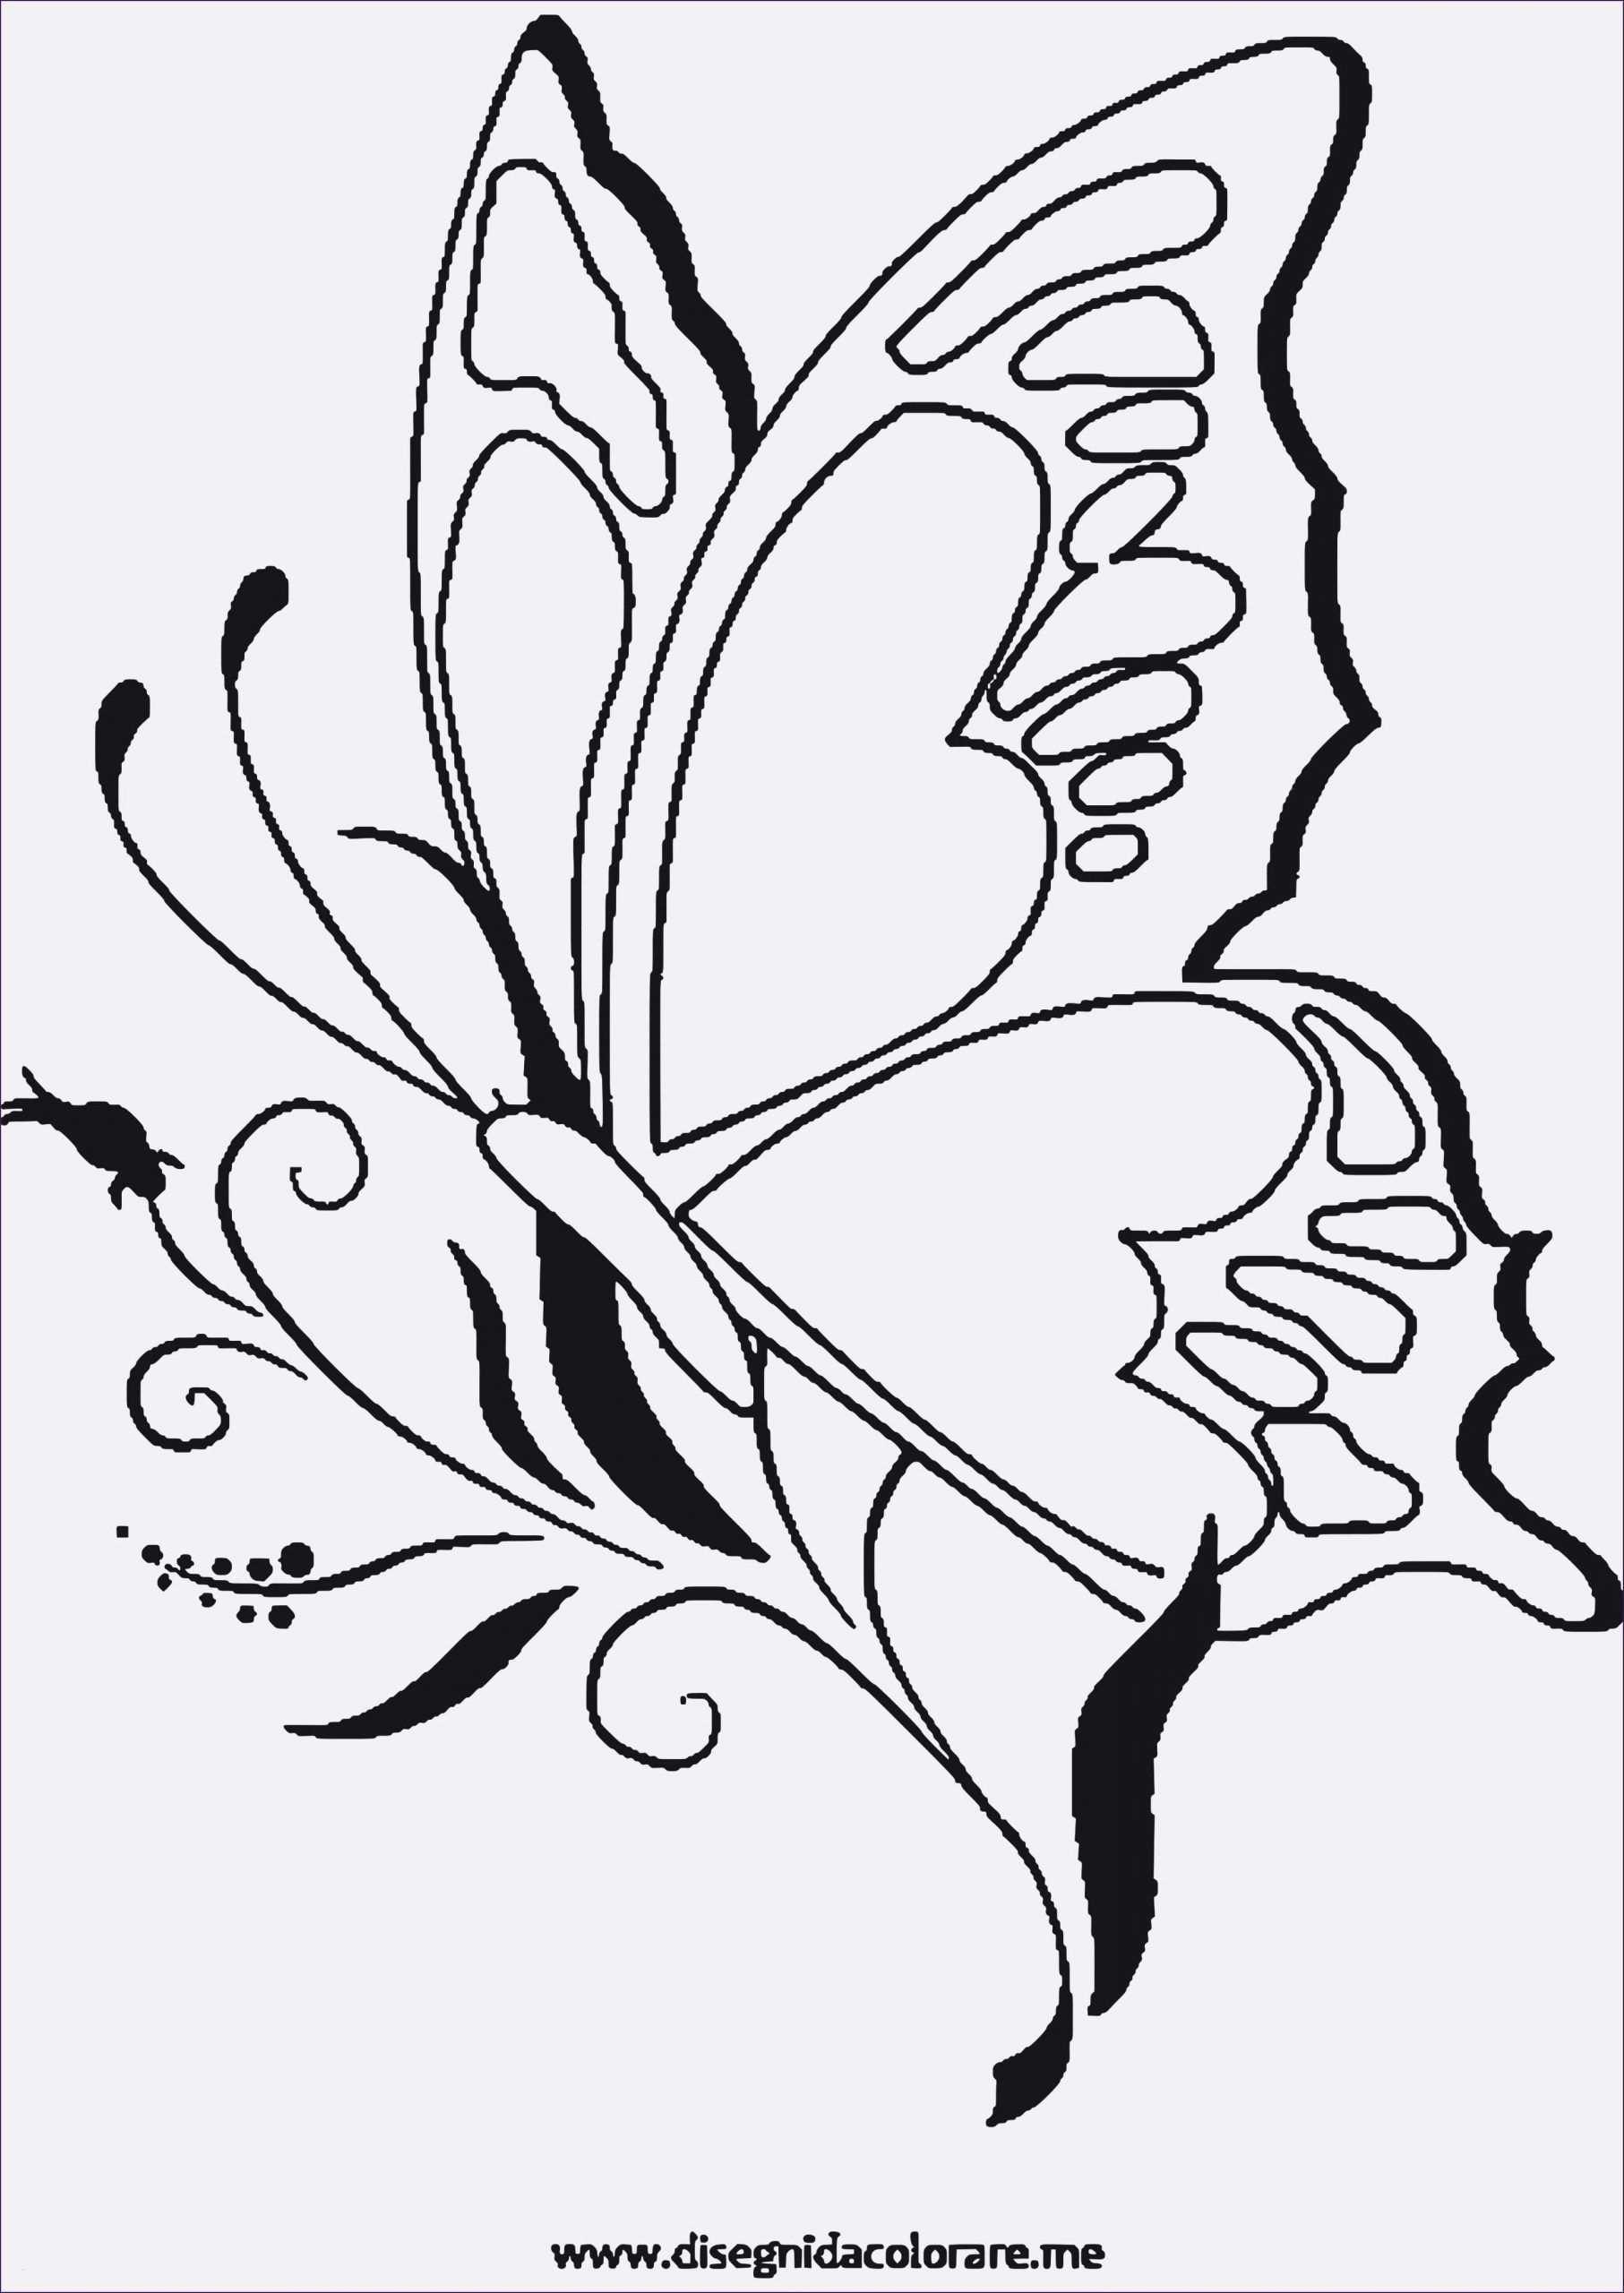 Bauernmalerei Malvorlagen Kostenlos In 2020 Malvorlagen Malvorlagen Blumen Ausmalbilder